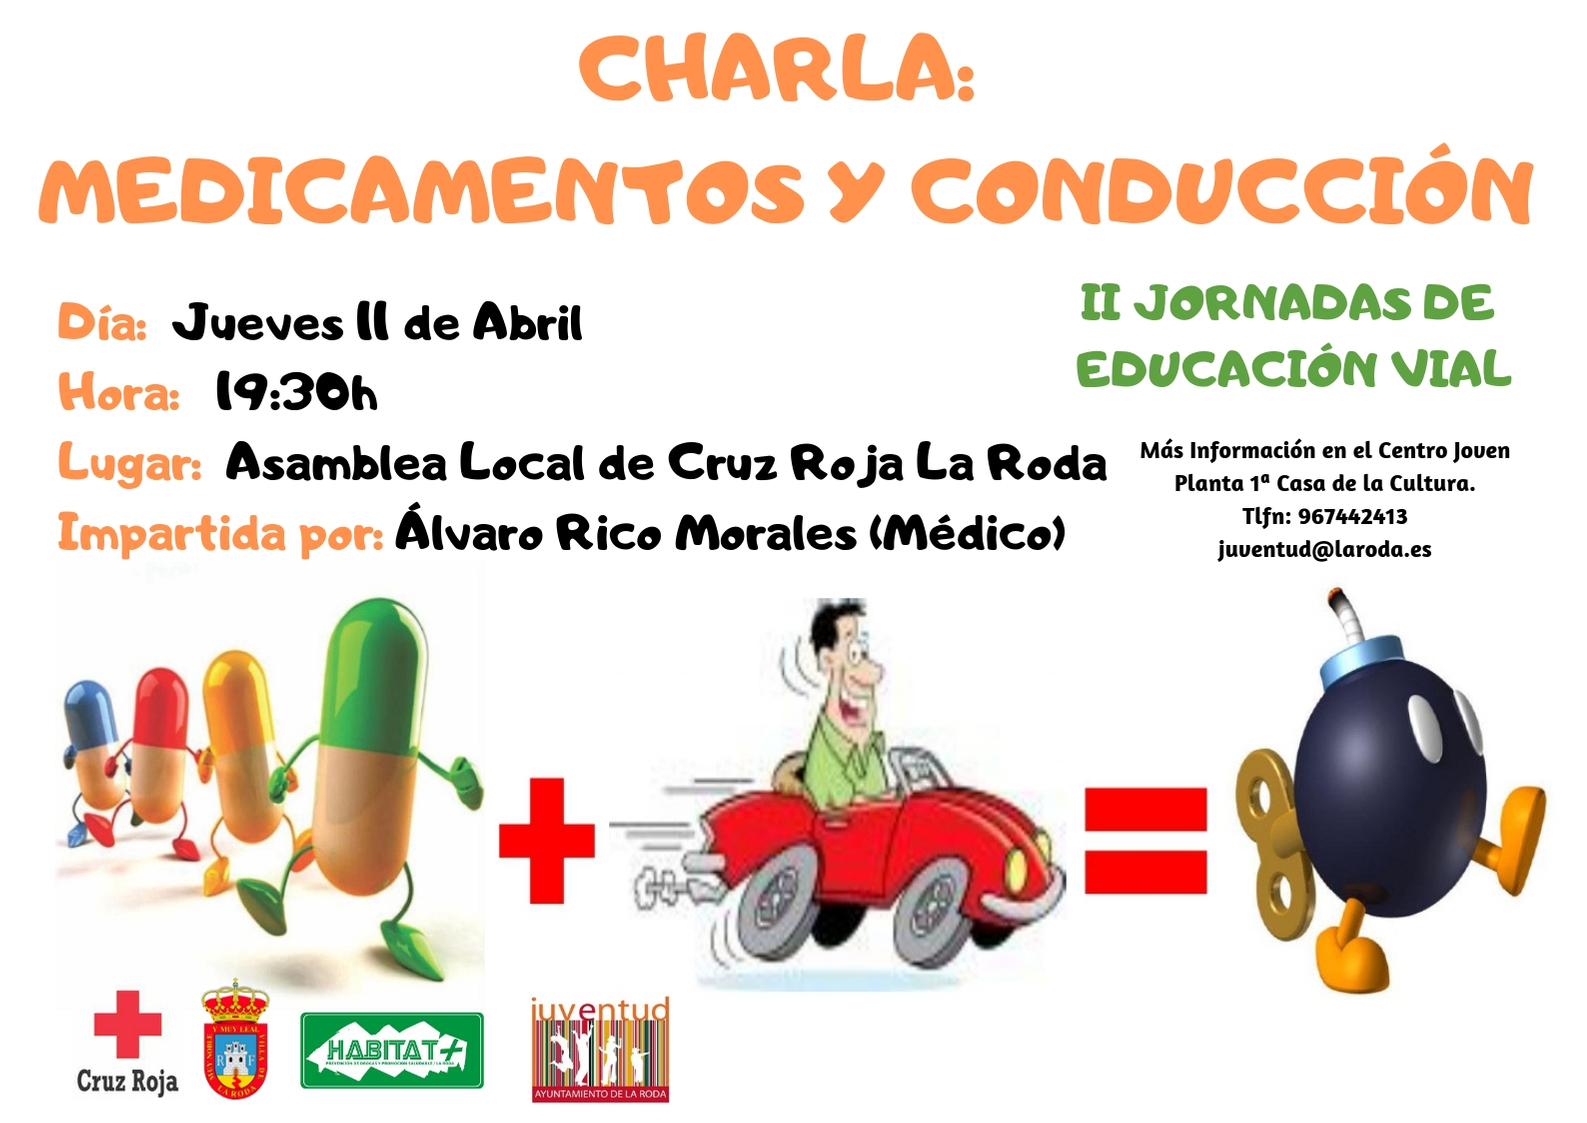 Charla II JORNADAS DE EDUCACIÓN VIAL